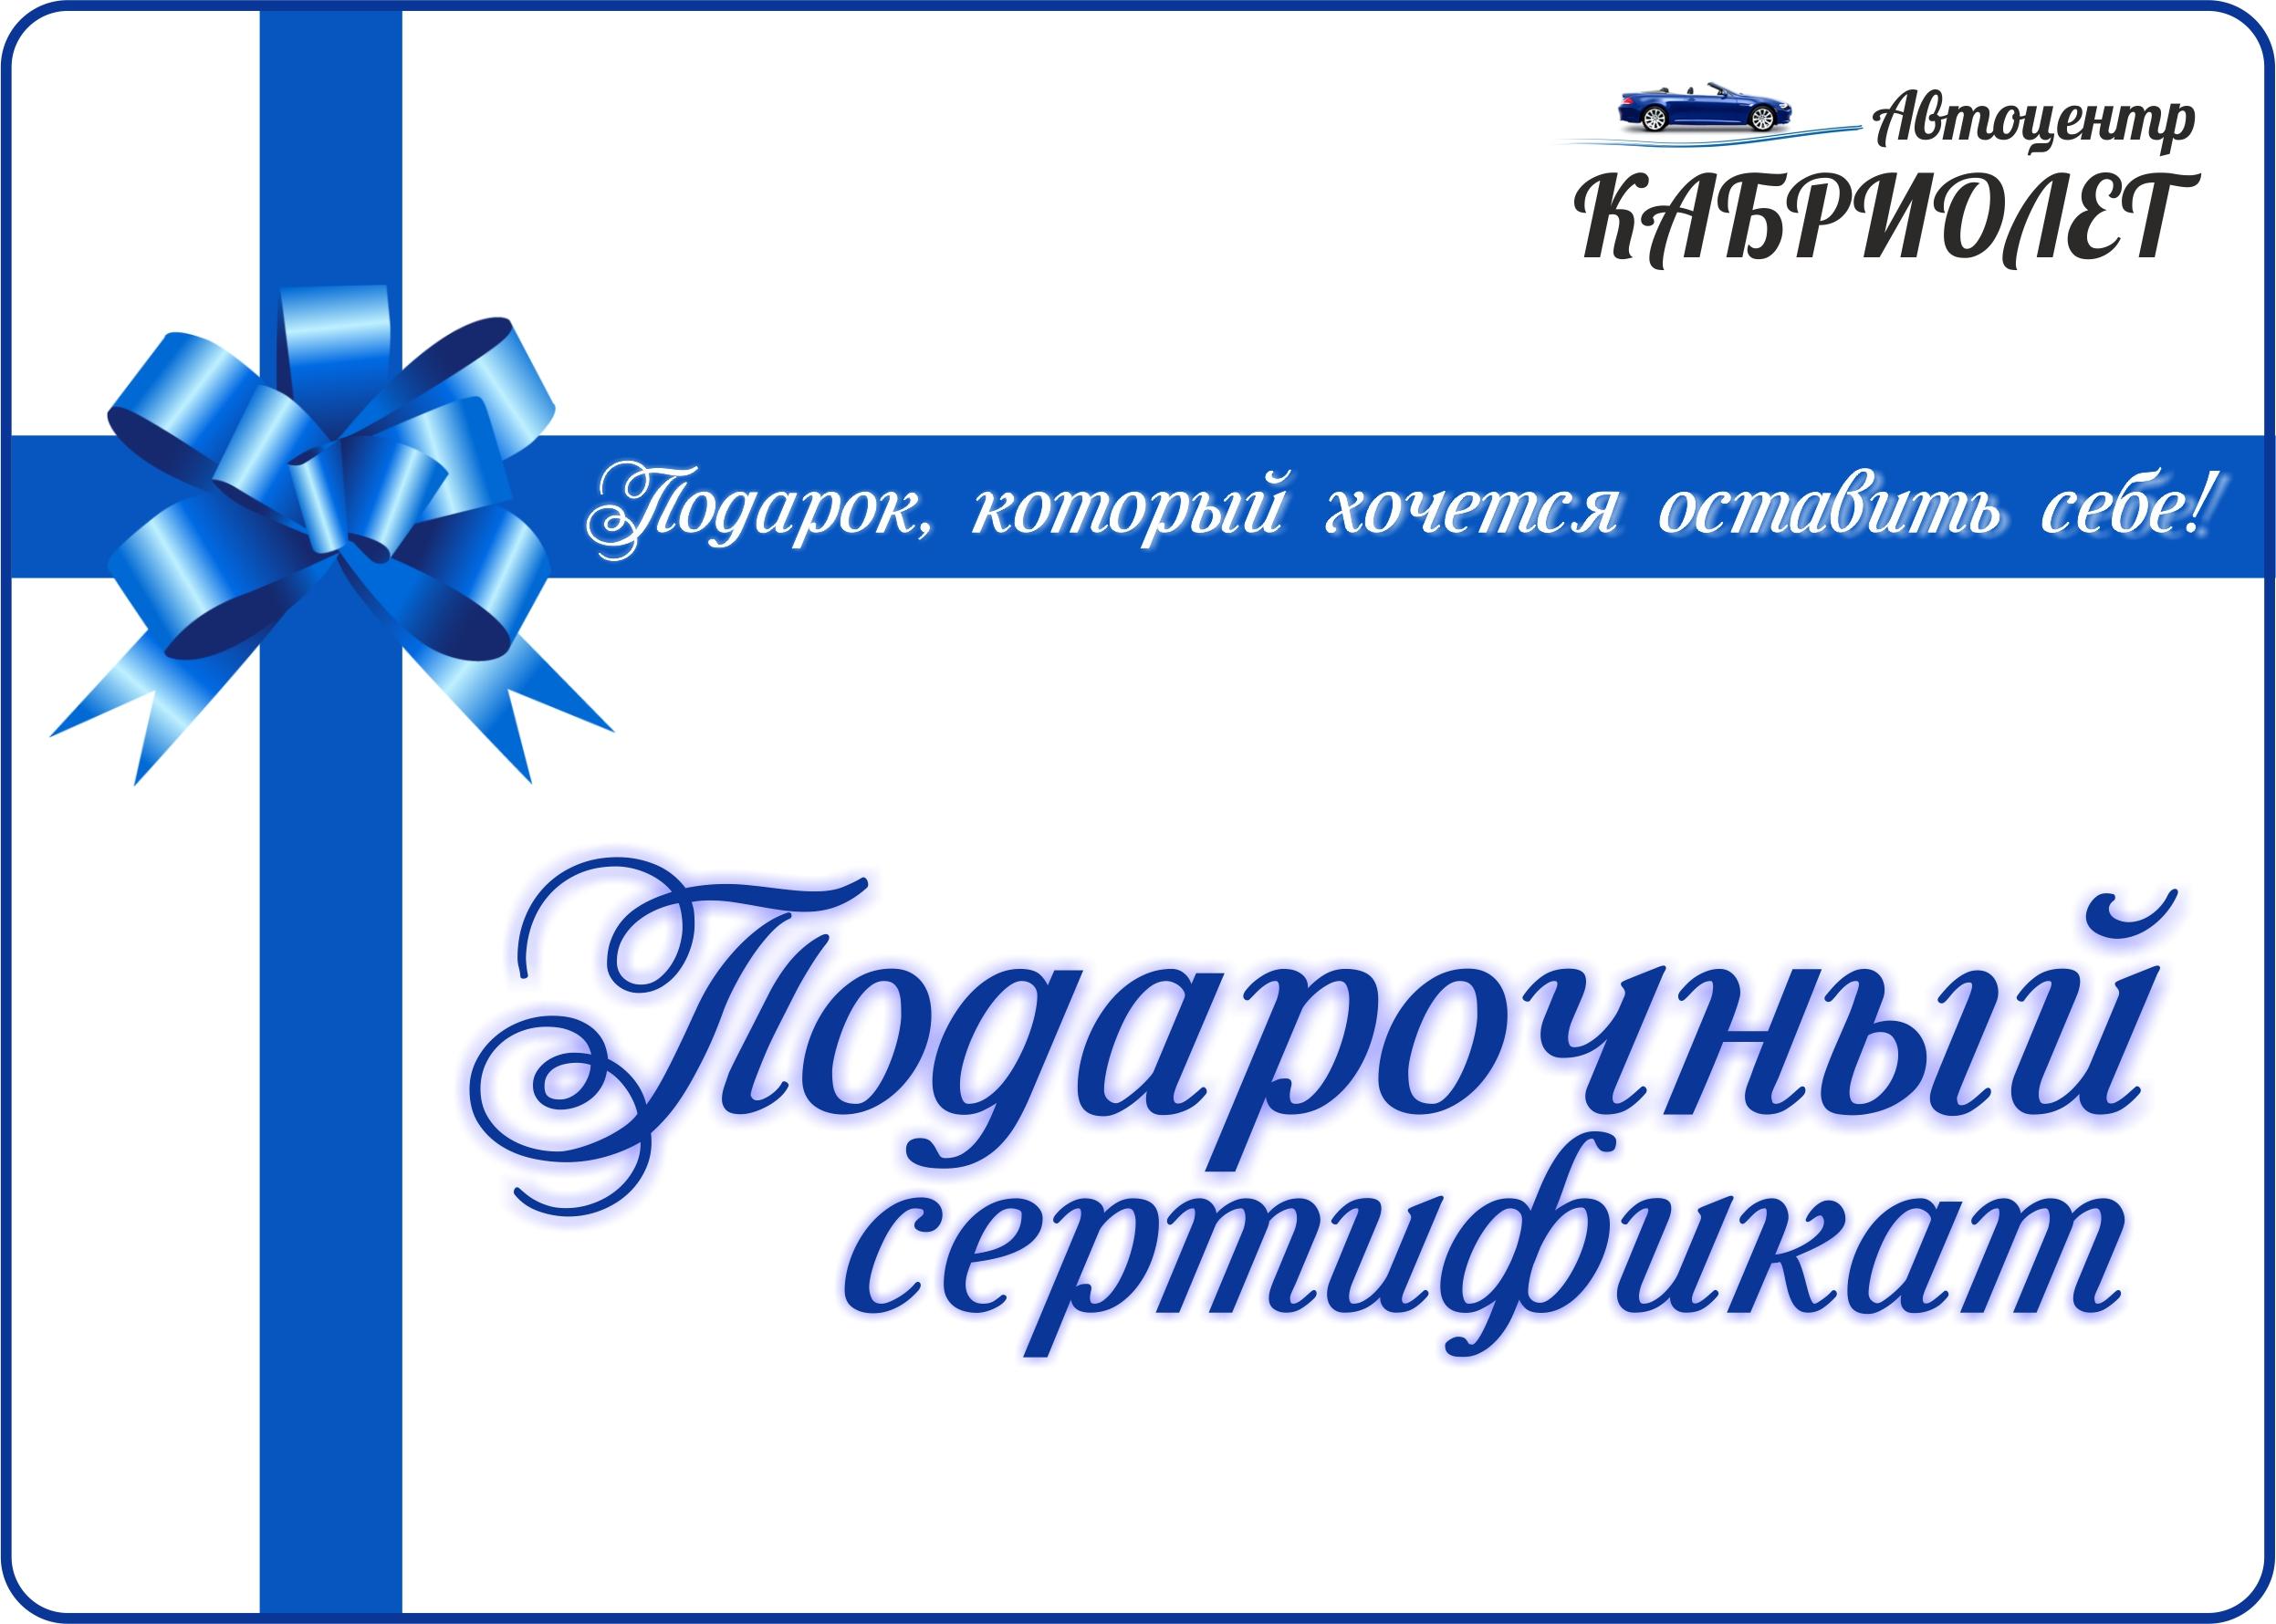 Подарочный сертификат автосервиса